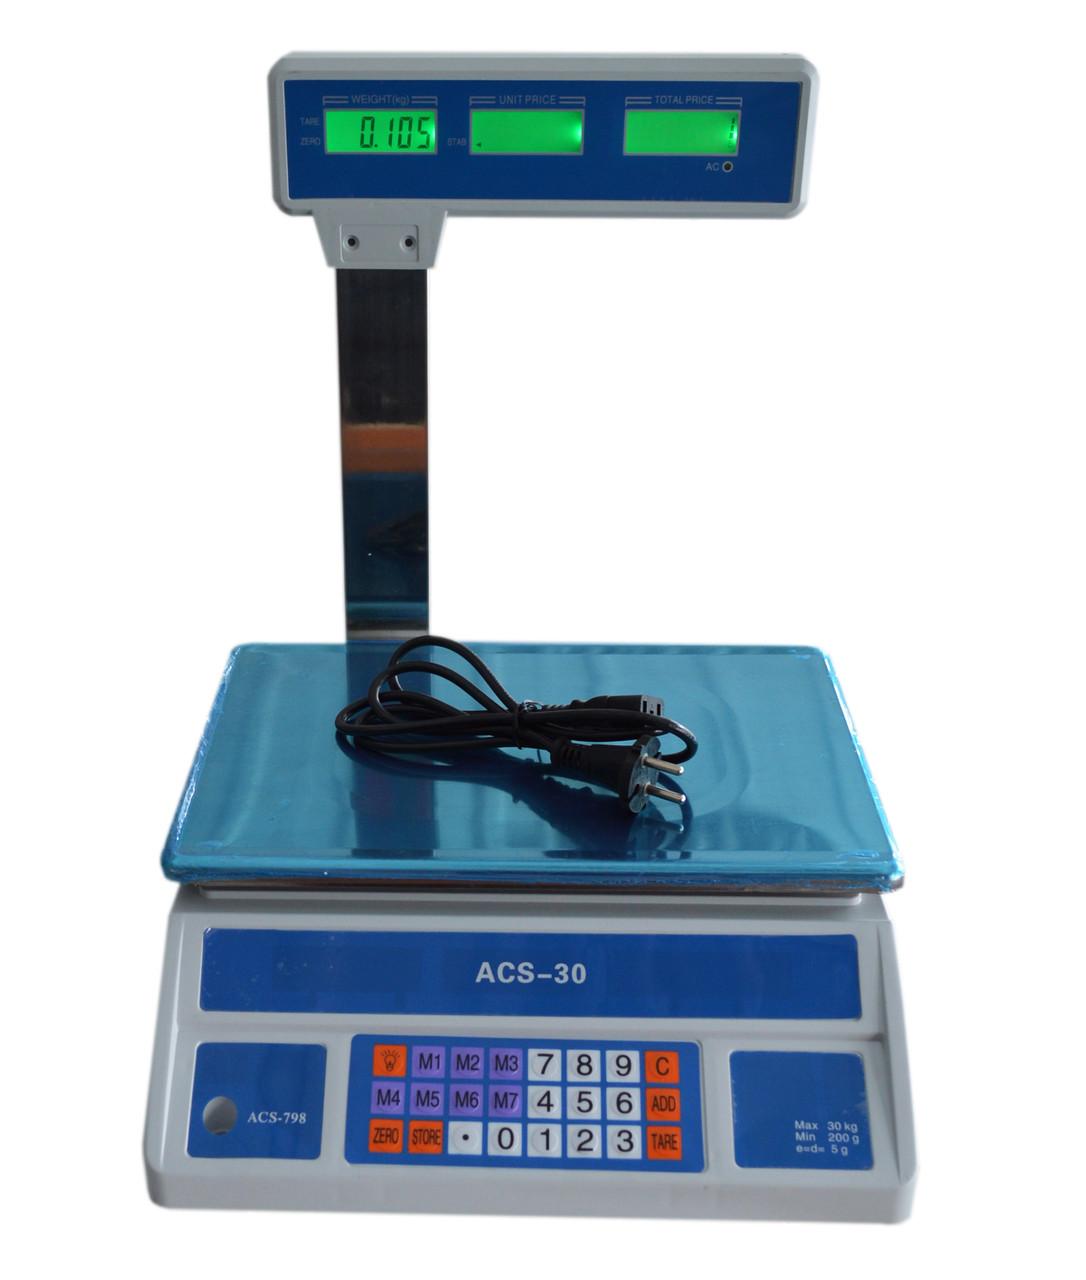 Весы торговые ACS-798-30 кг